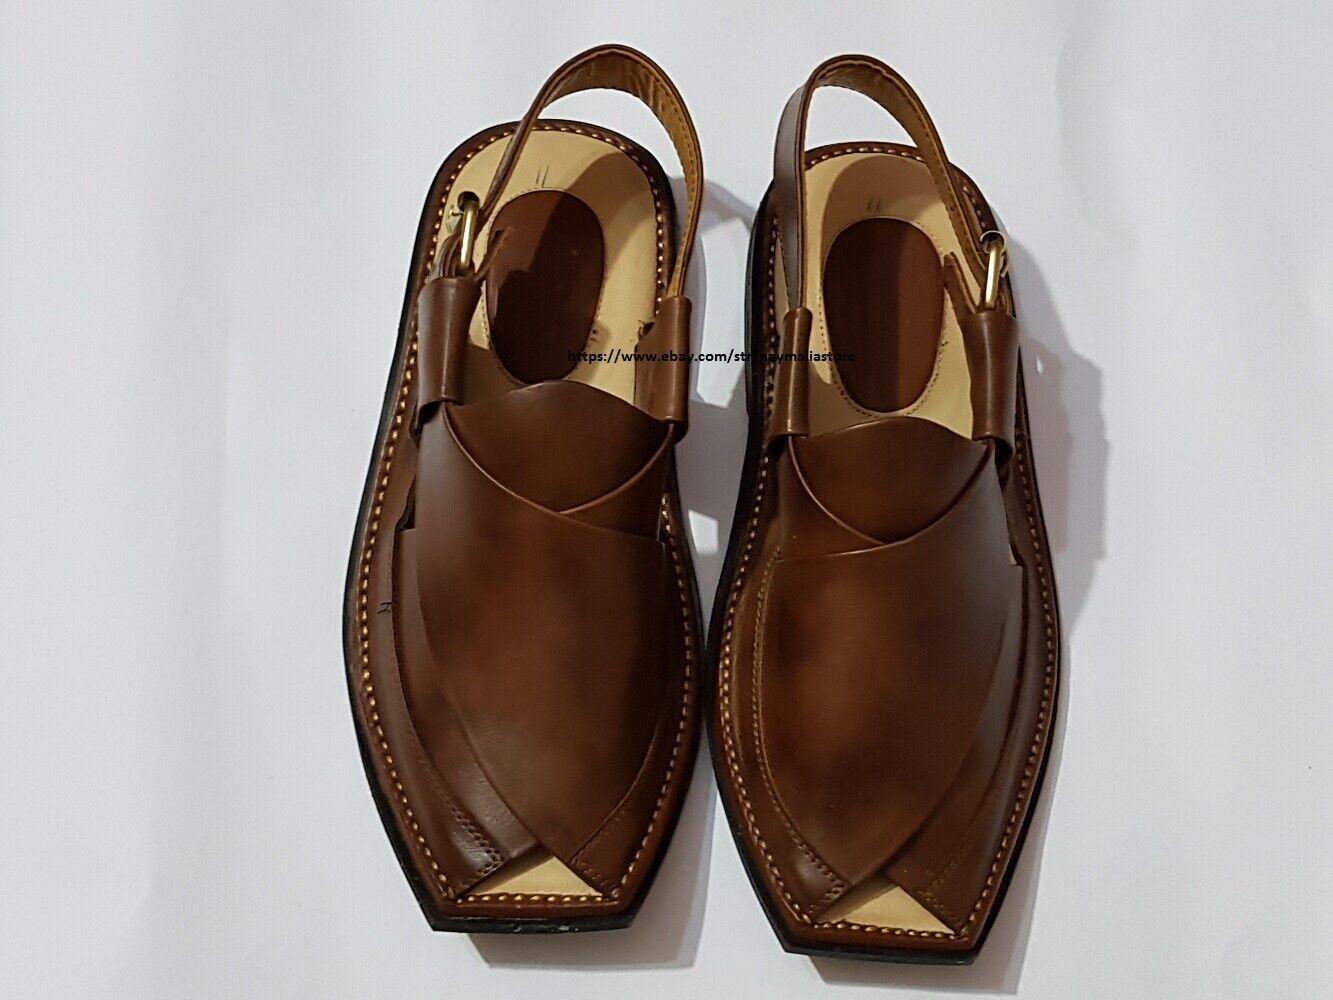 Peshawar Zalmi D-1 Pure Leather Charssada Chappal Sandal from Pakistan